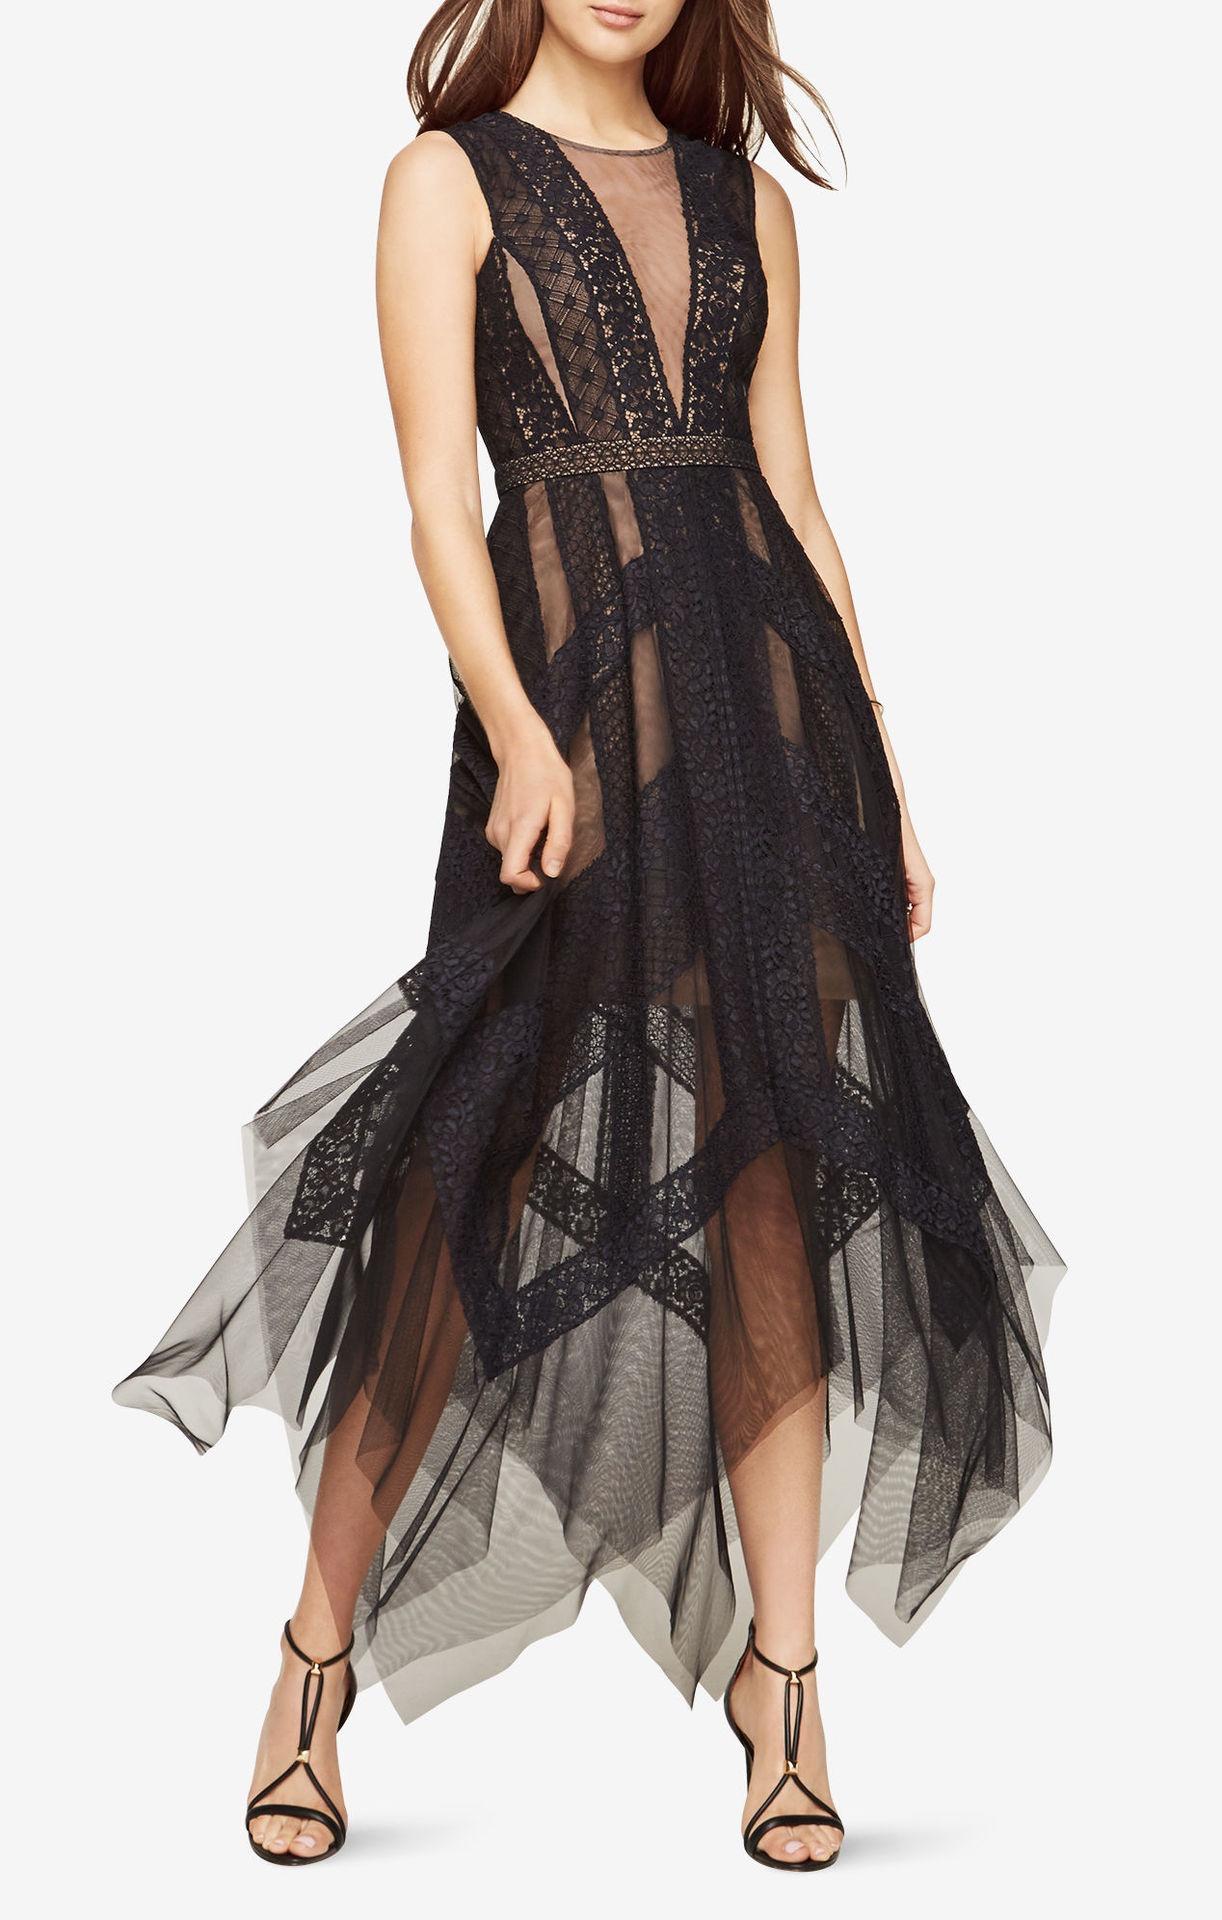 Andi Dress Image